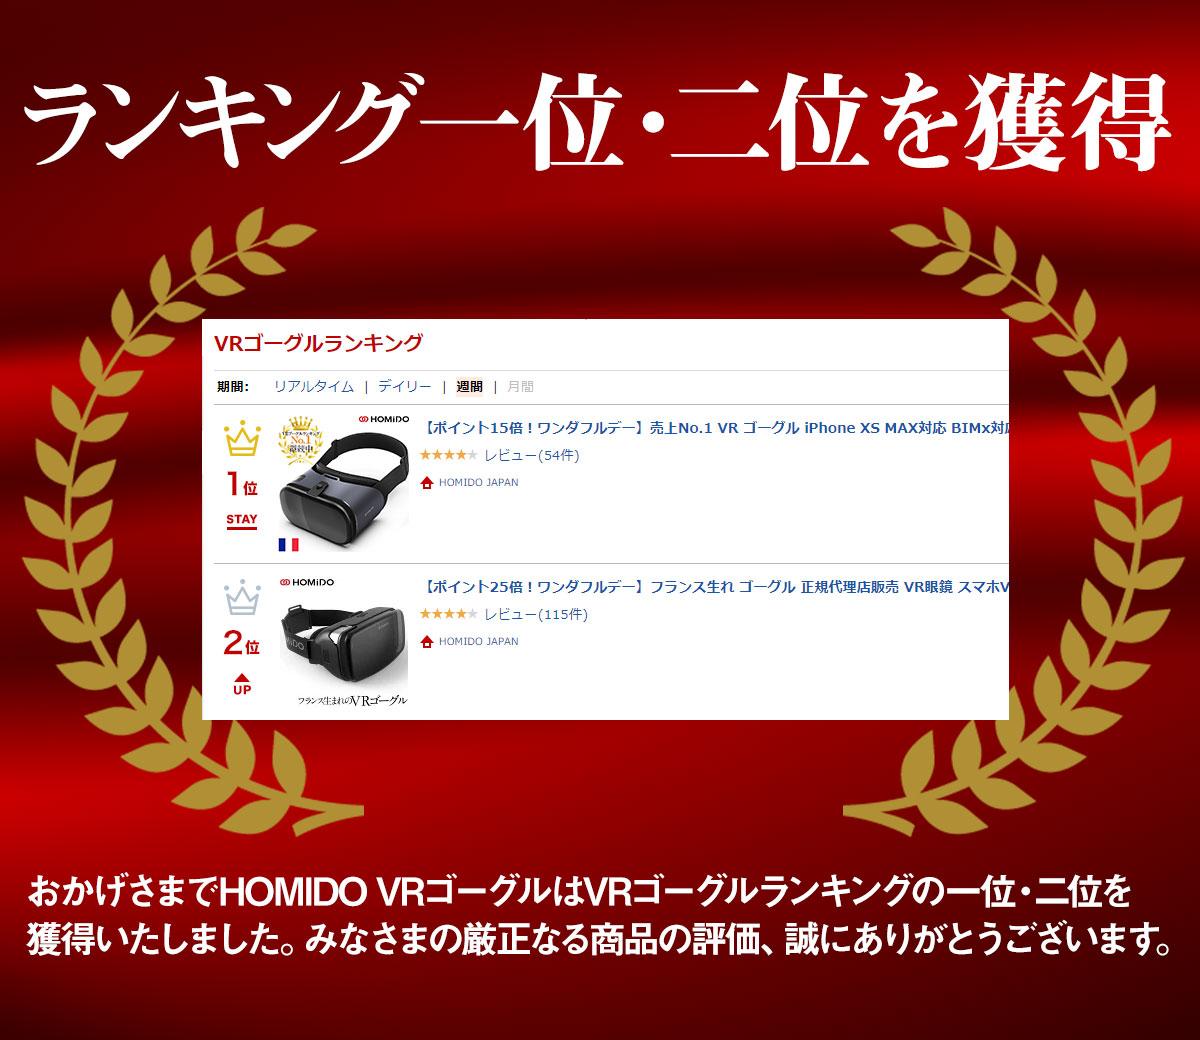 楽天市場 VRゴーグル部門 No.1